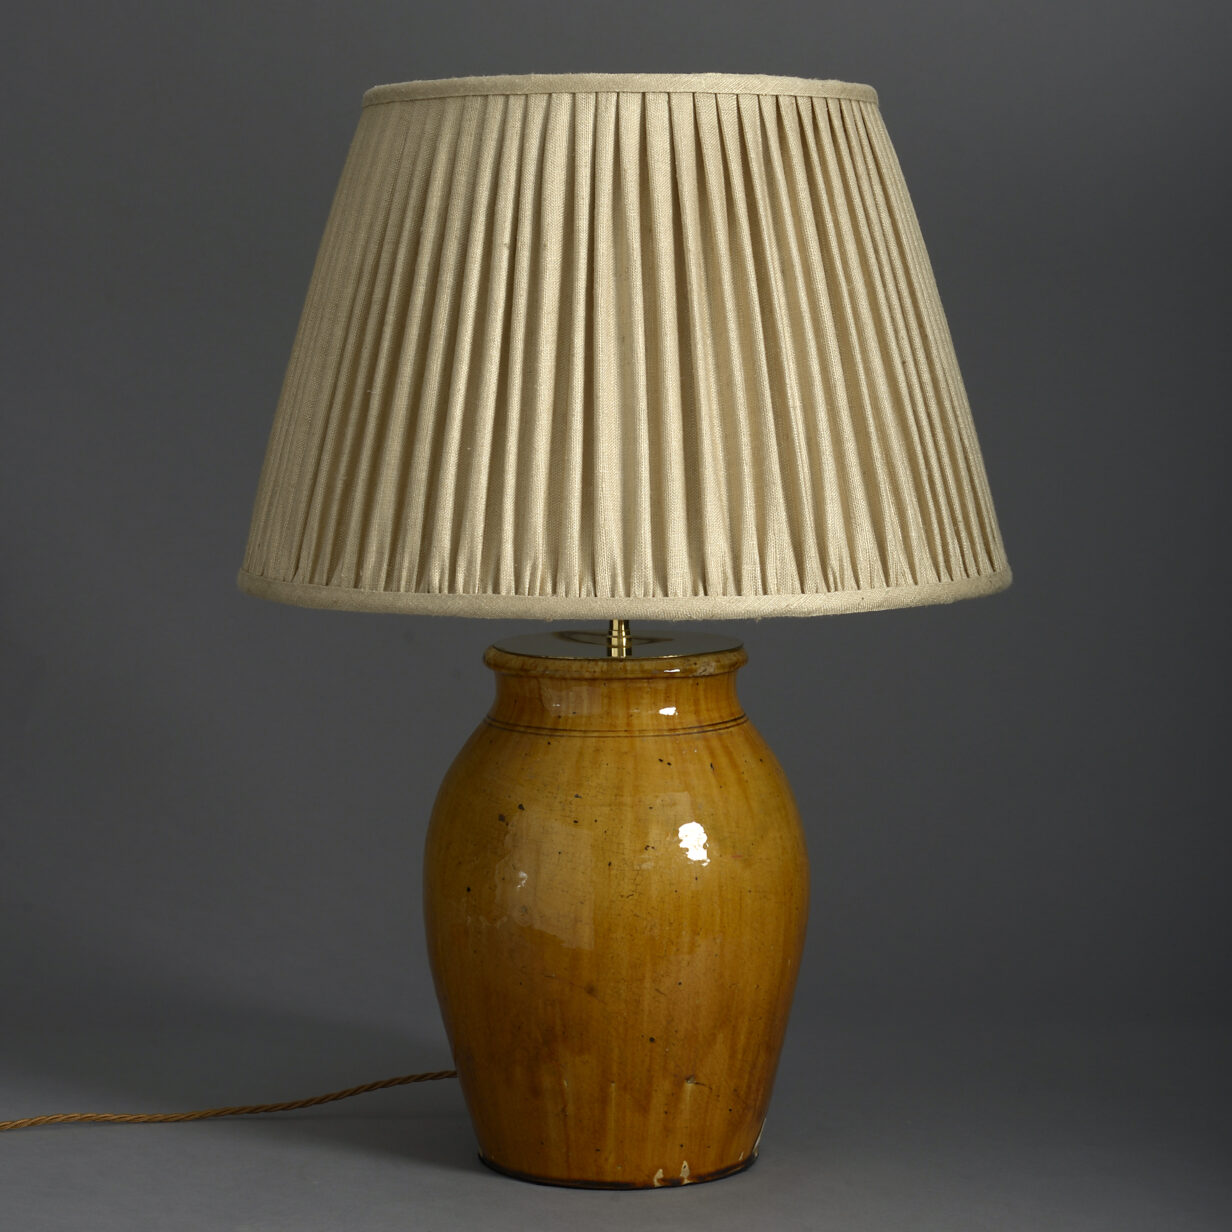 Ochre Pottery Lamp Base